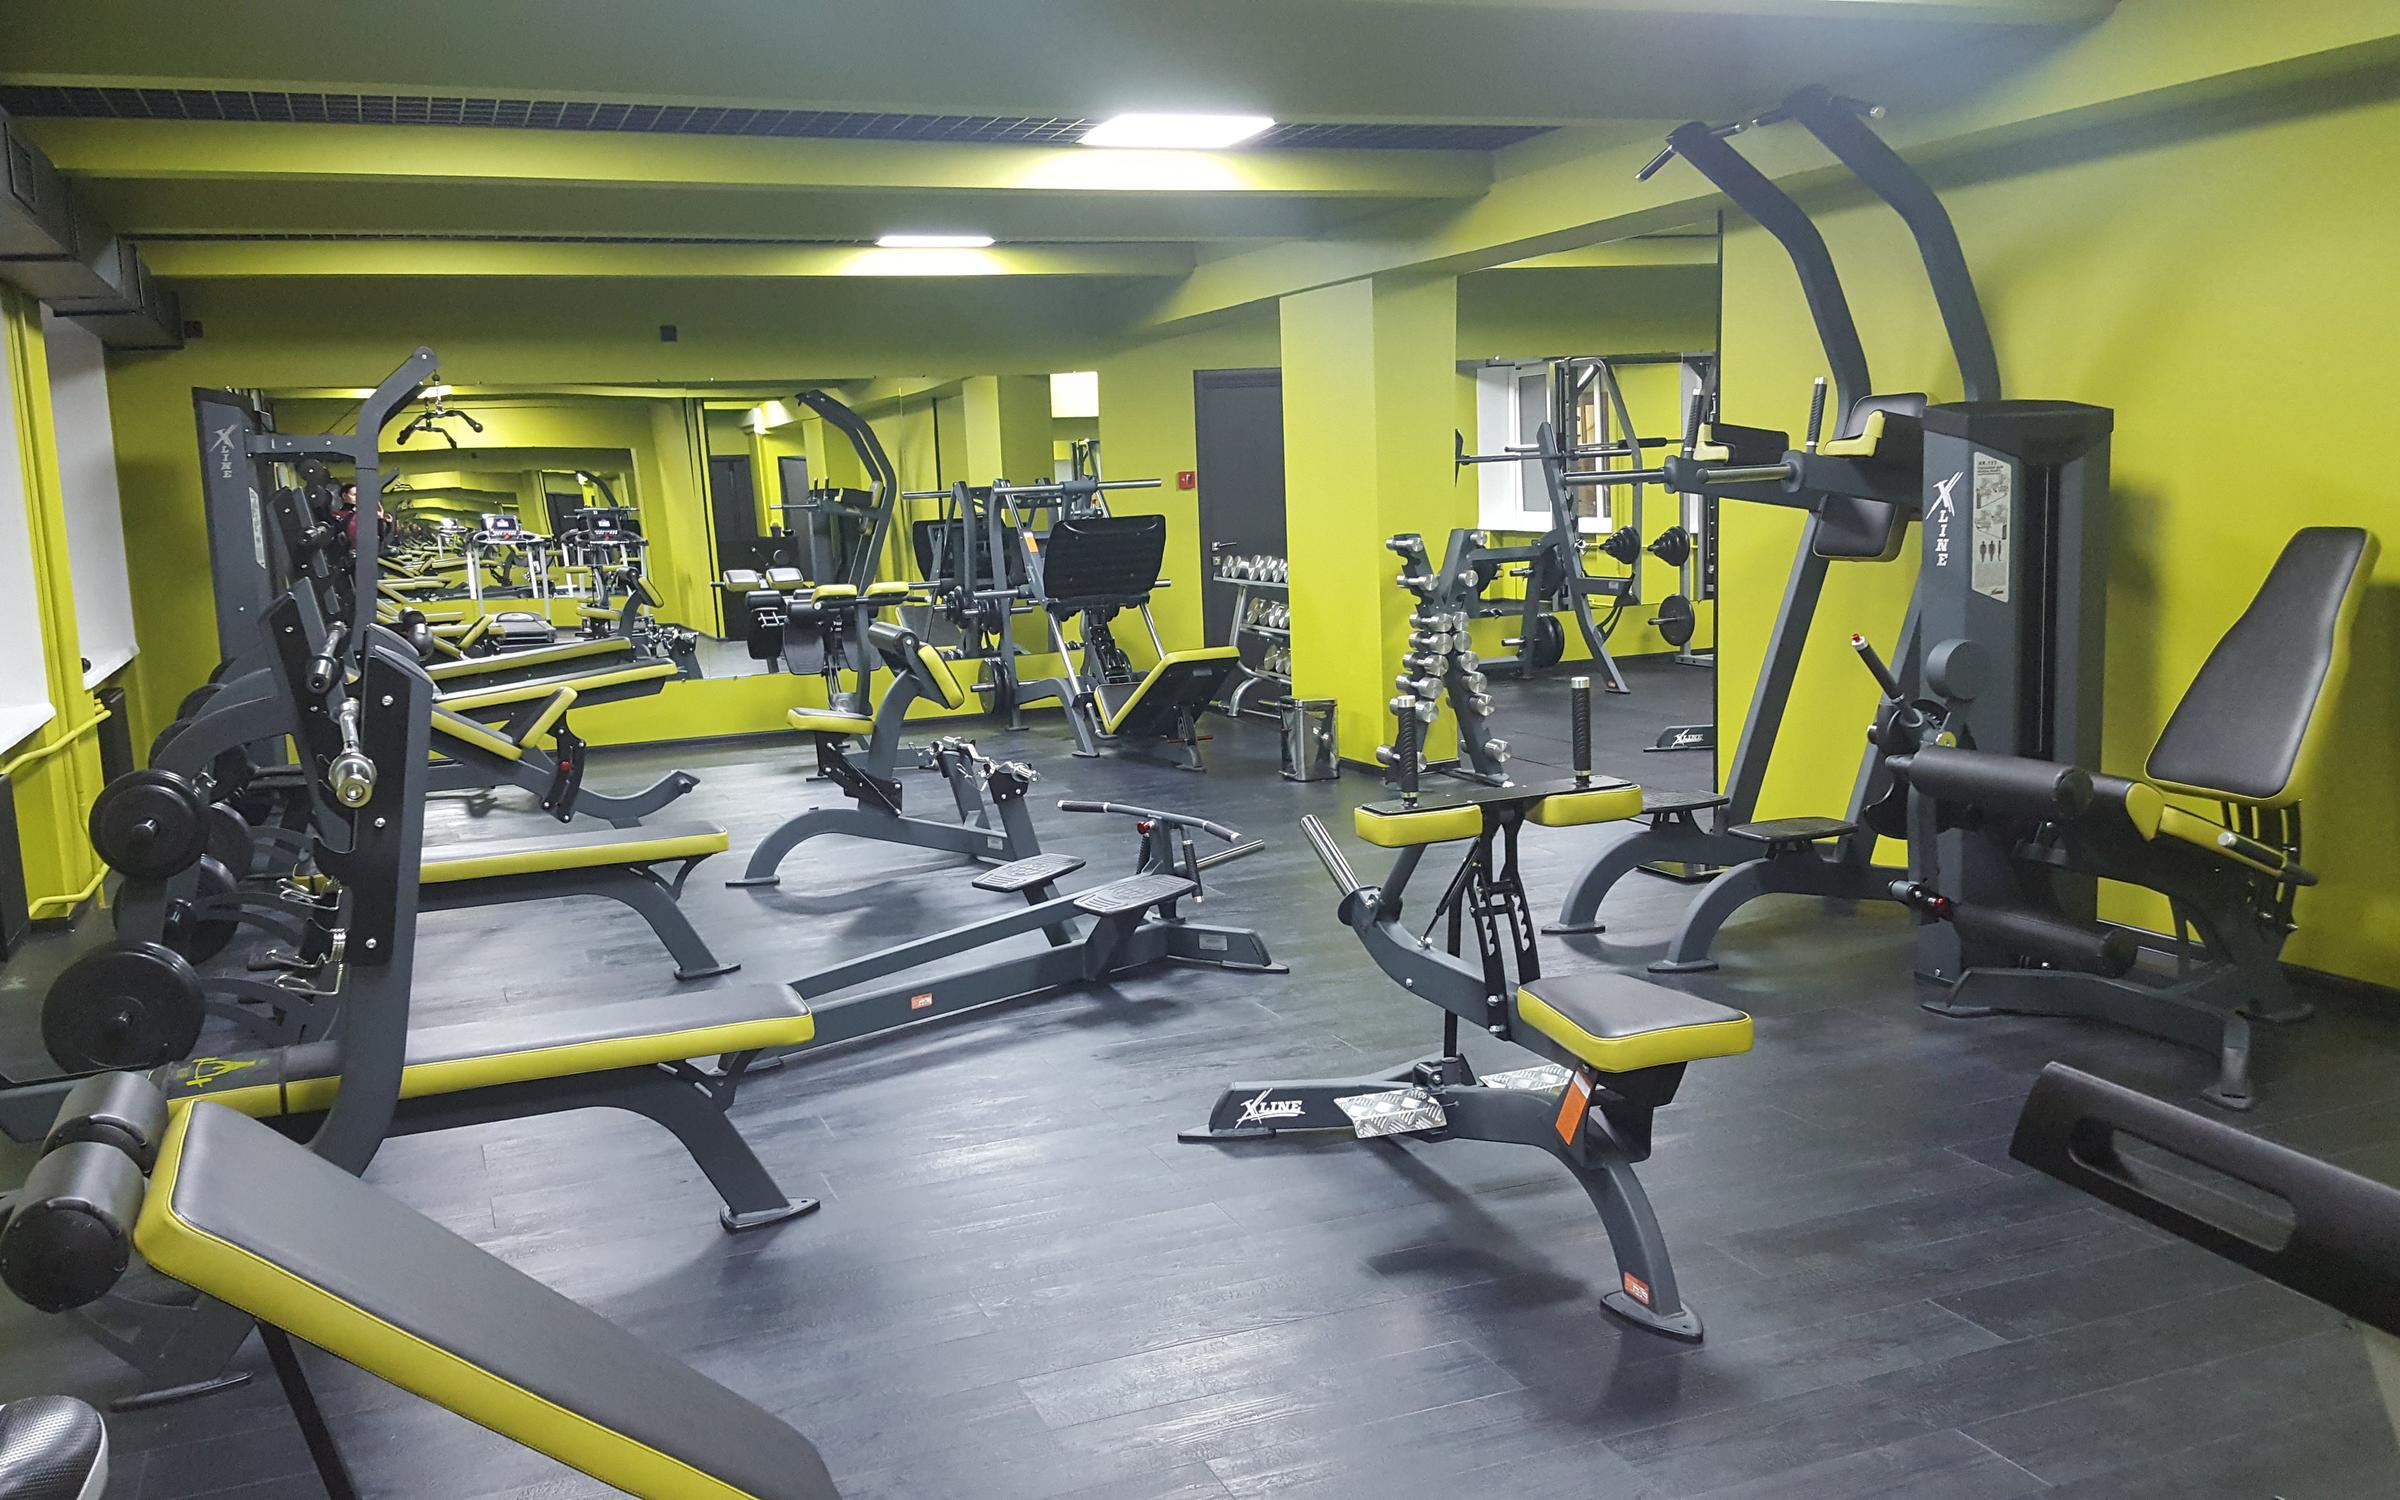 фотография Тренажерного зала Brutal gym Moscow